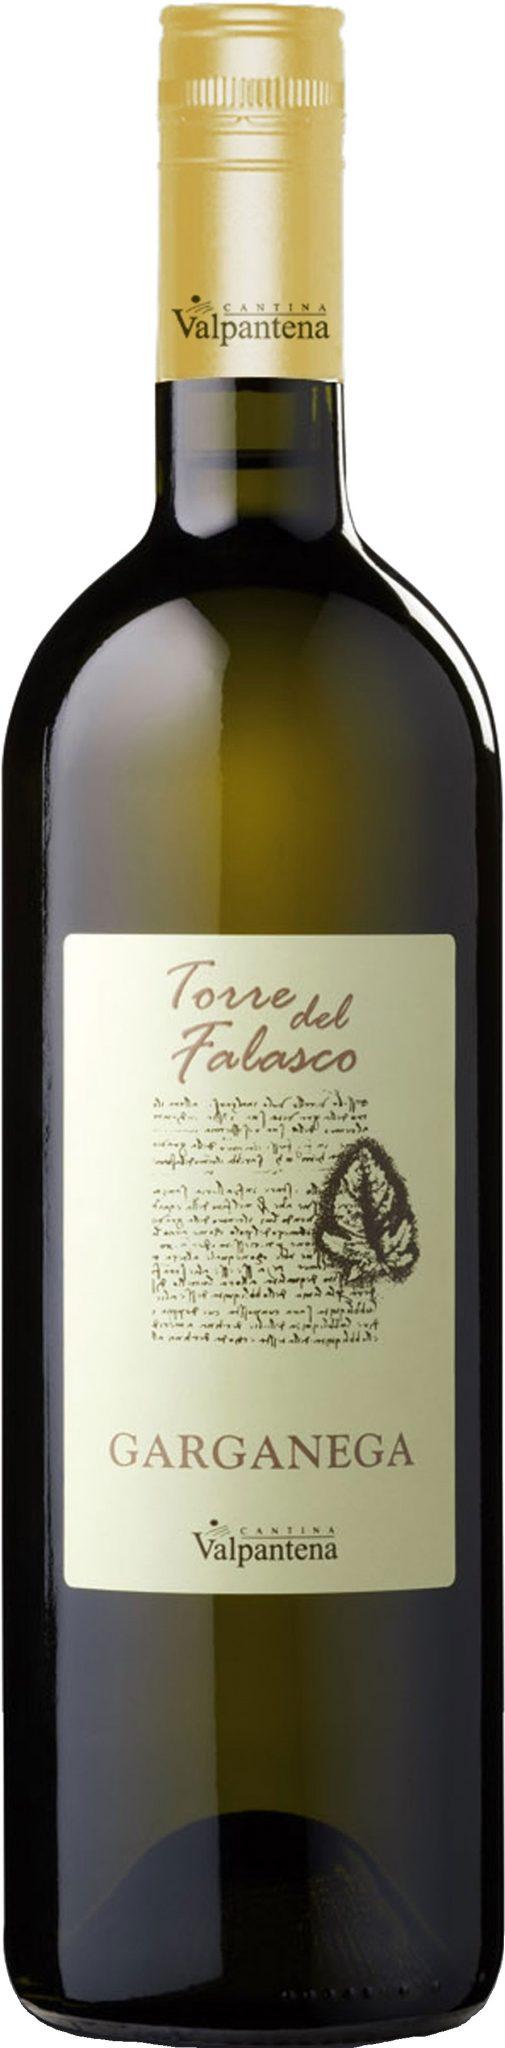 Torre del Falasco - Garganega 2019 75cl Bottle